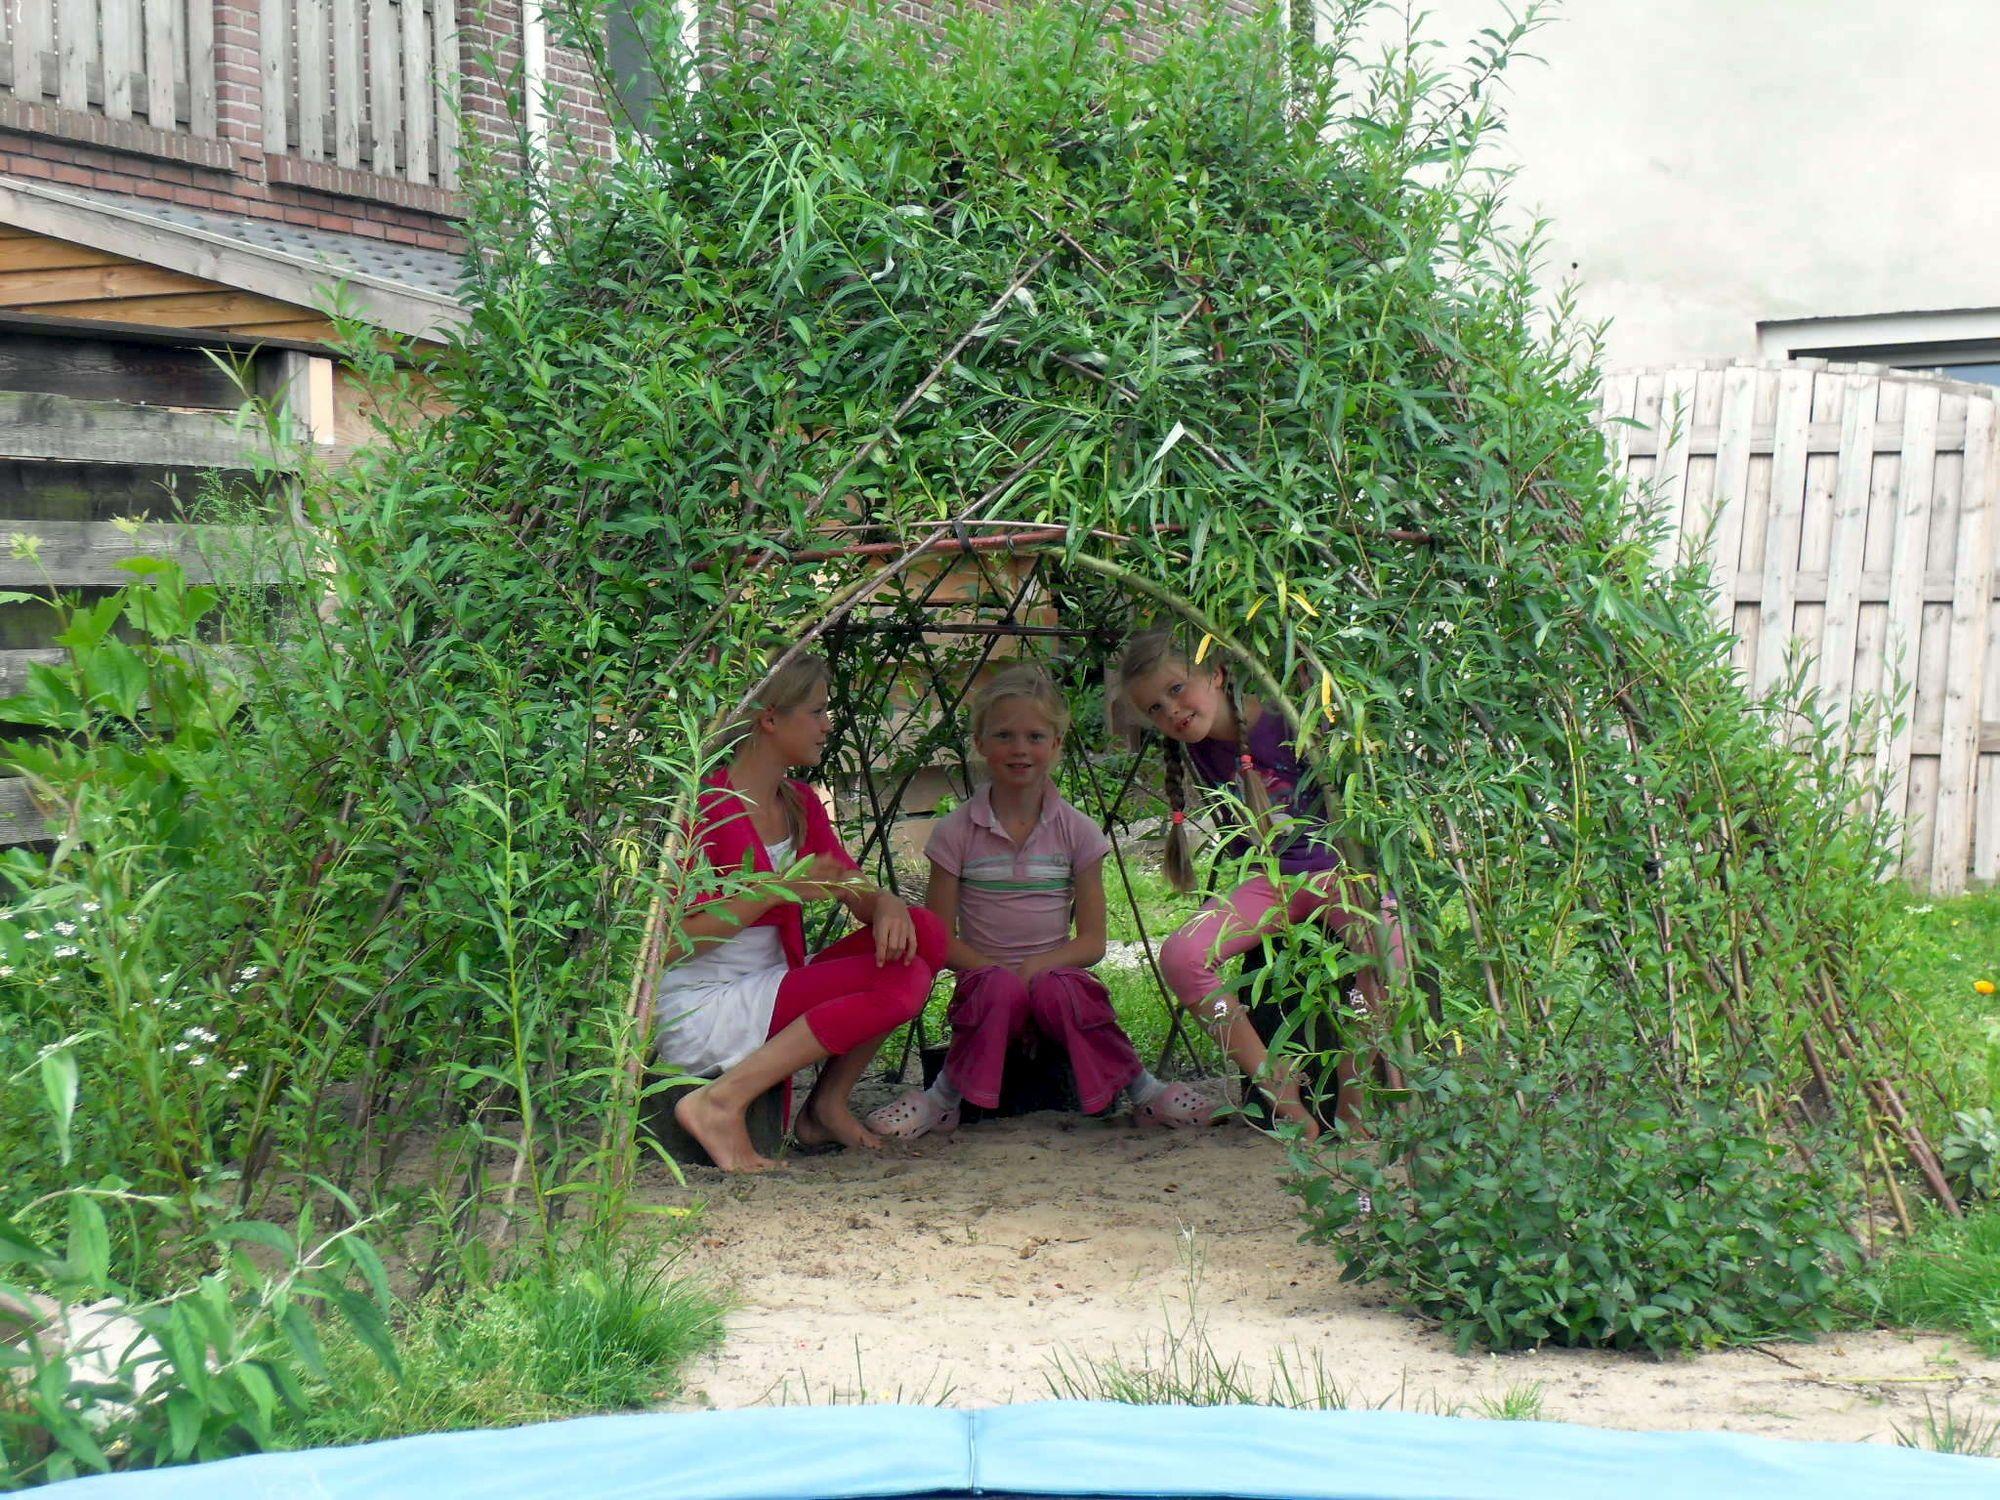 wilgenhut maak van snoeiafval van knotwilgen een levende hut of